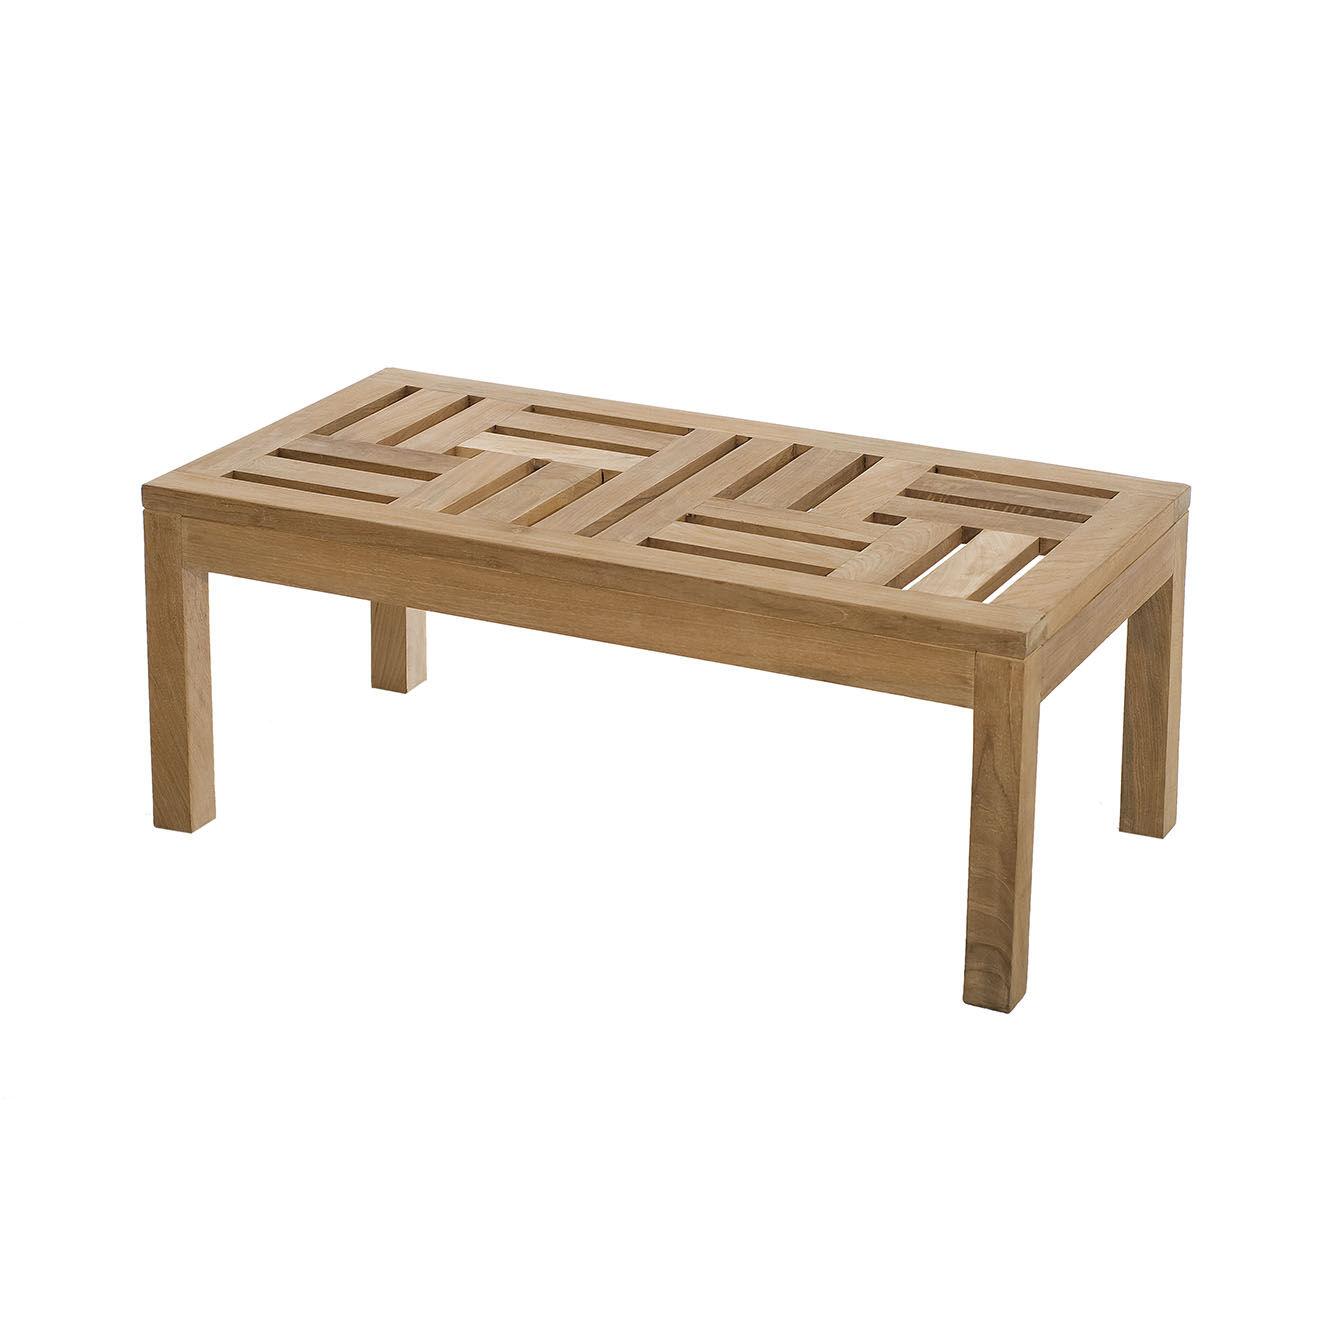 Dpi Table basse Fun teck massif - 100x50x40 cm